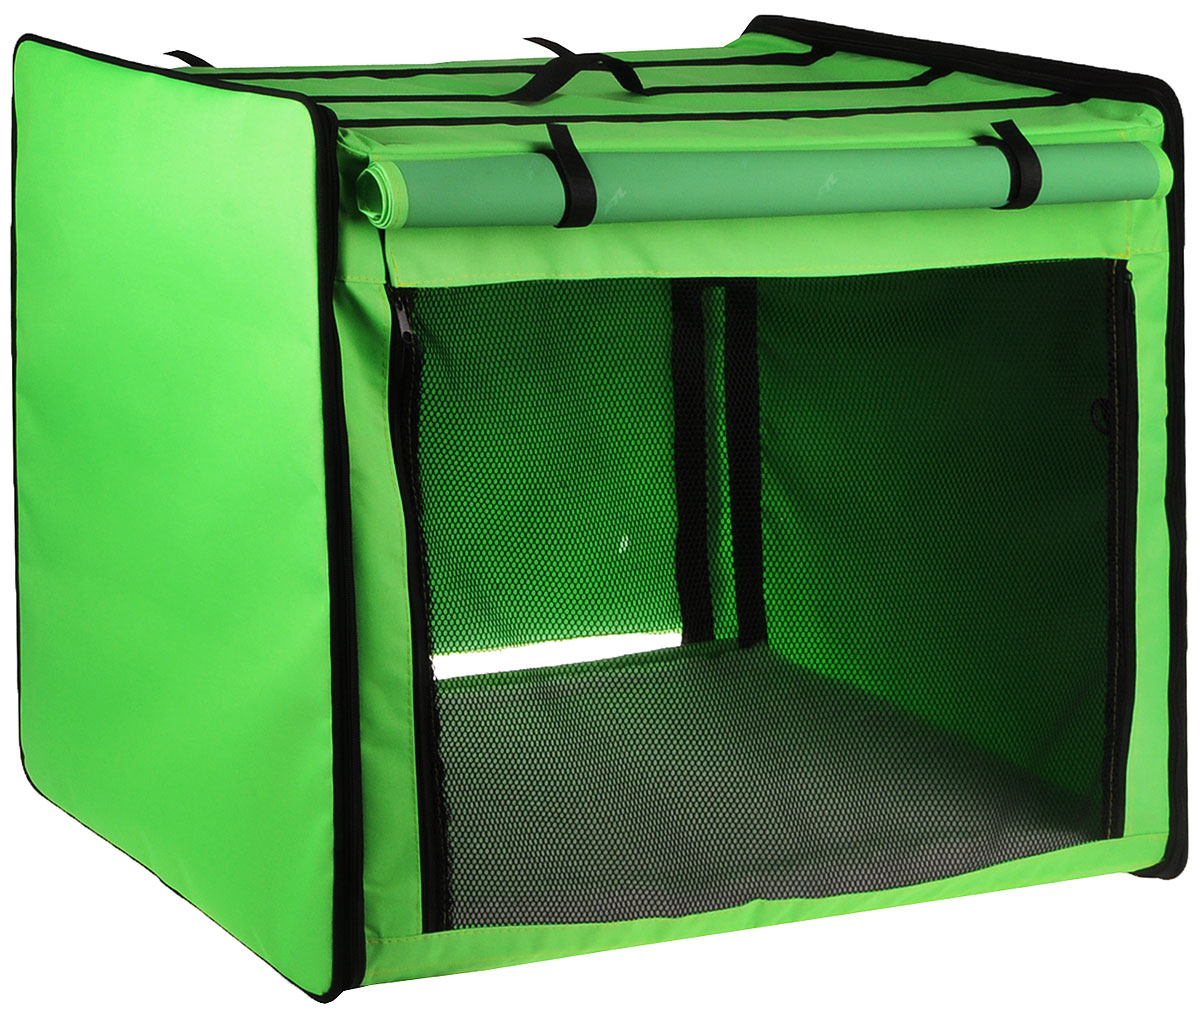 Клетка выставочная Elite Valley, цвет: черный, зеленый, 75 х 52 х 62 см. К-1725дк_красныйКлетка Elite Valley предназначена для показа кошек и собак на выставках.Онавыполнена из плотного текстиля, каркас - металлический. Клетка оснащенасъемными пленкой и сеткой. Внутри имеется мягкая подстилка,выполненная из искусственного меха. Прозрачную пленку можно прикрытьшторкой. Сверху расположена ручка для переноски. В комплекте сумка-чехол для удобной транспортировки.